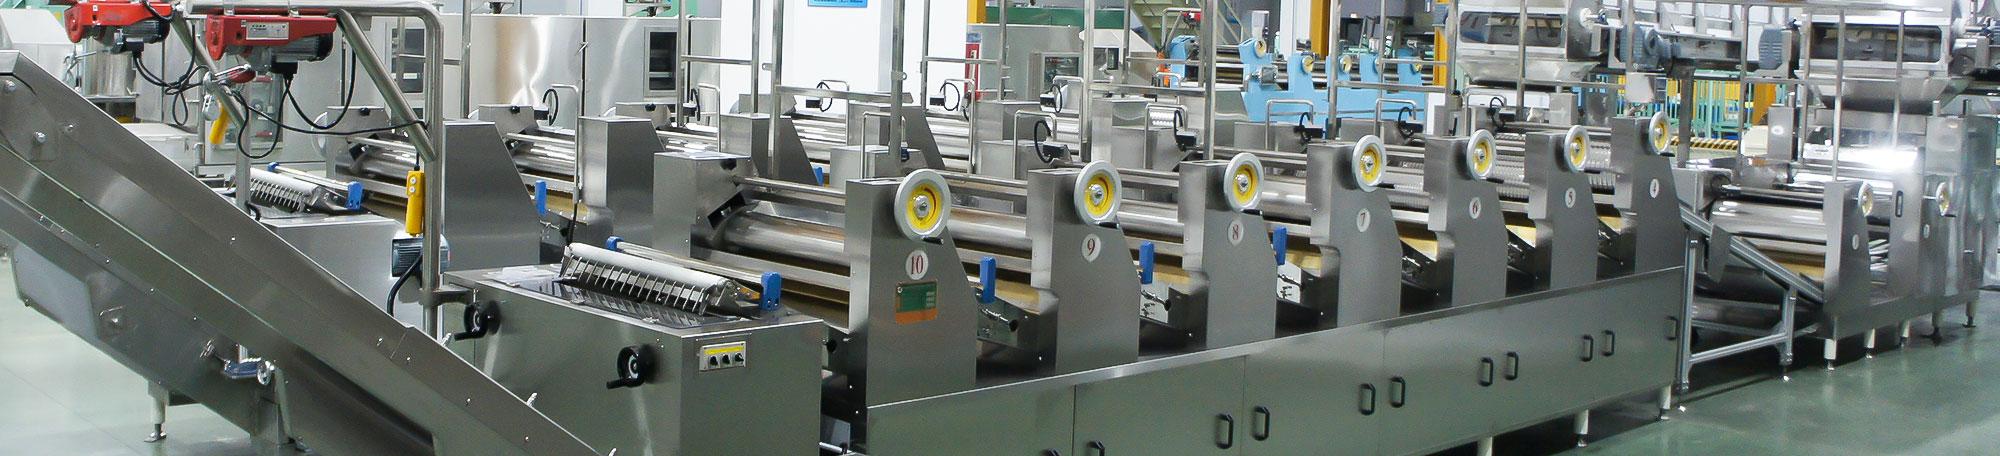 pasta making machine made by Shangbaotai